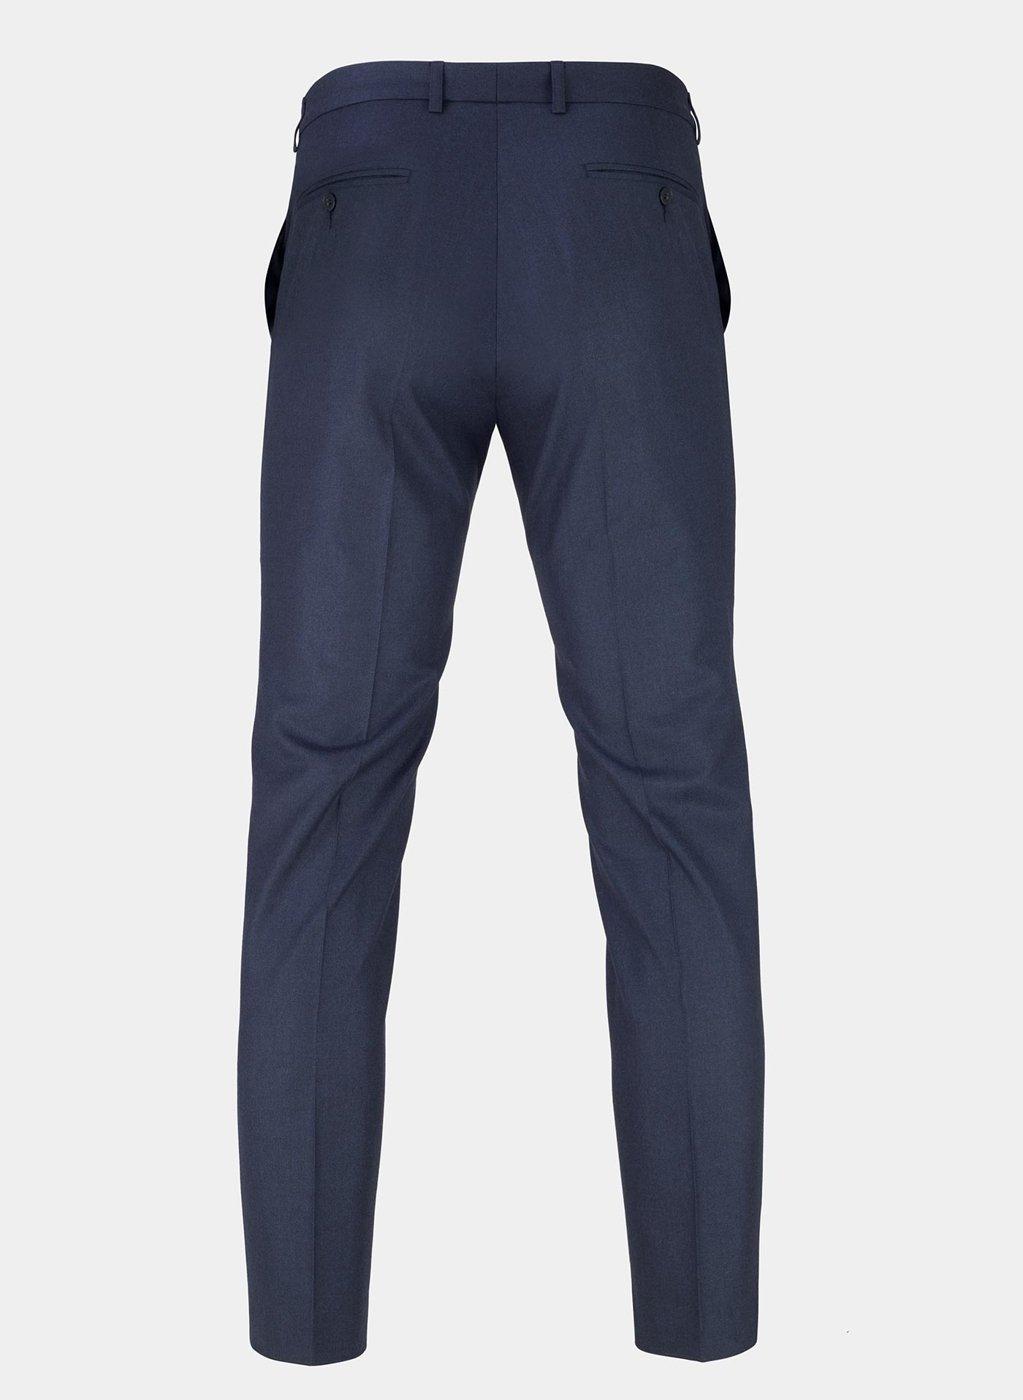 Spodnie męskie garniturowe ADAMO PLM-6G-189-N